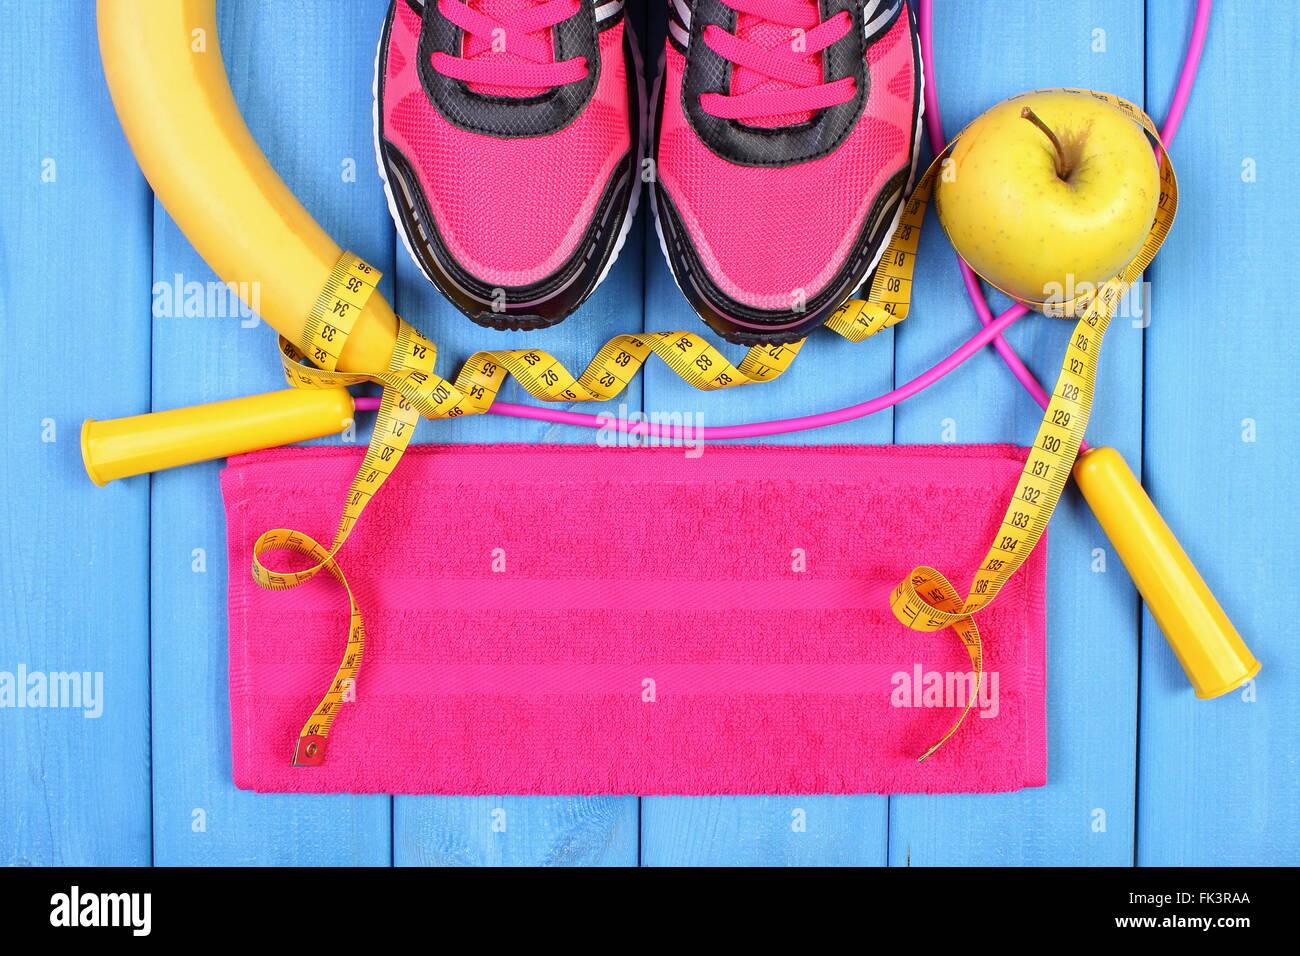 Sportschuhe, frisches Obst und Zubehör für Fitness oder Sport auf blauen Tafeln, gesunden und aktiven Stockbild